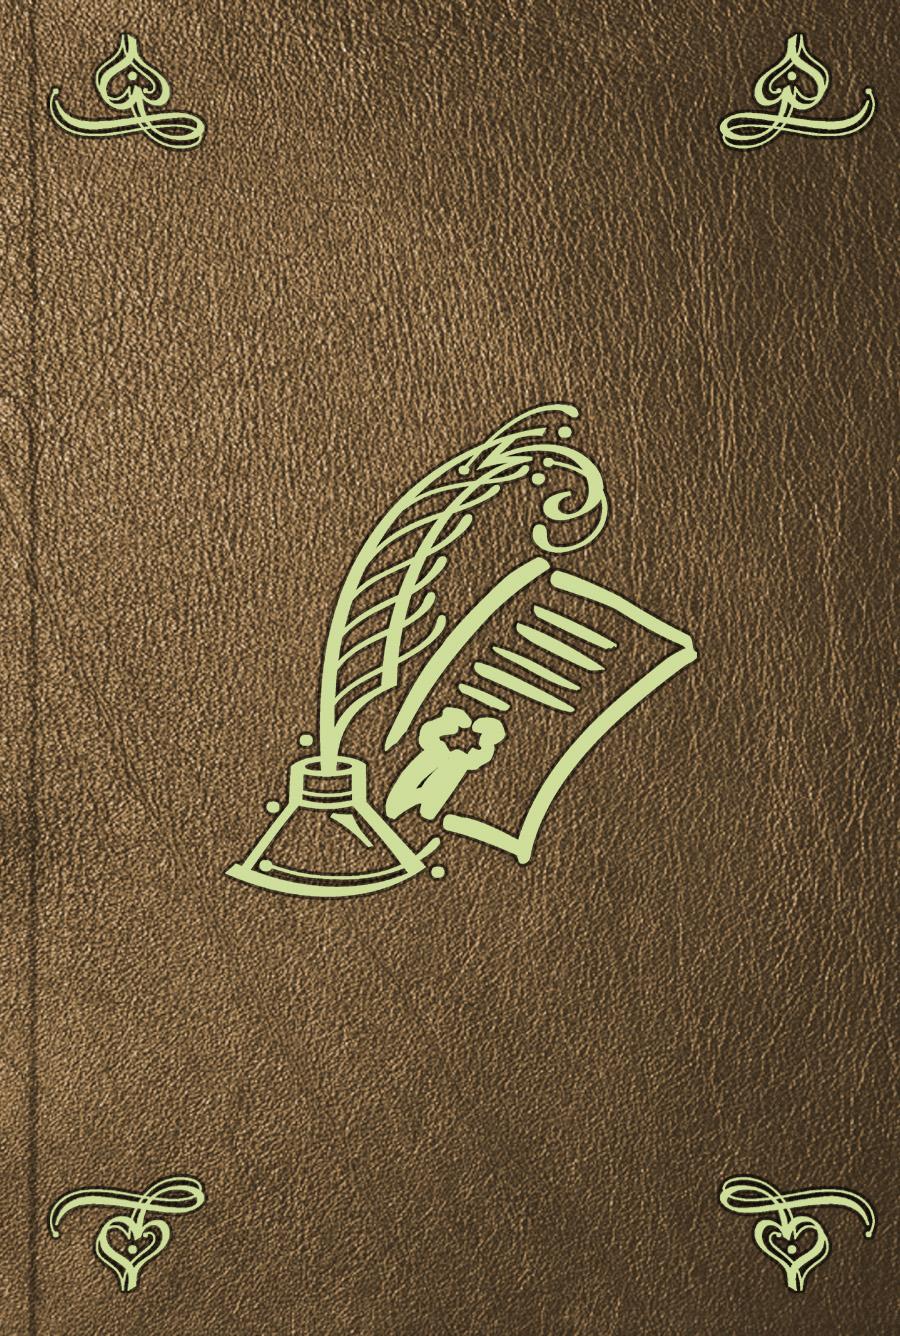 Отсутствует Таможенный устав 1755 года отсутствует таможенный устав 1755 года